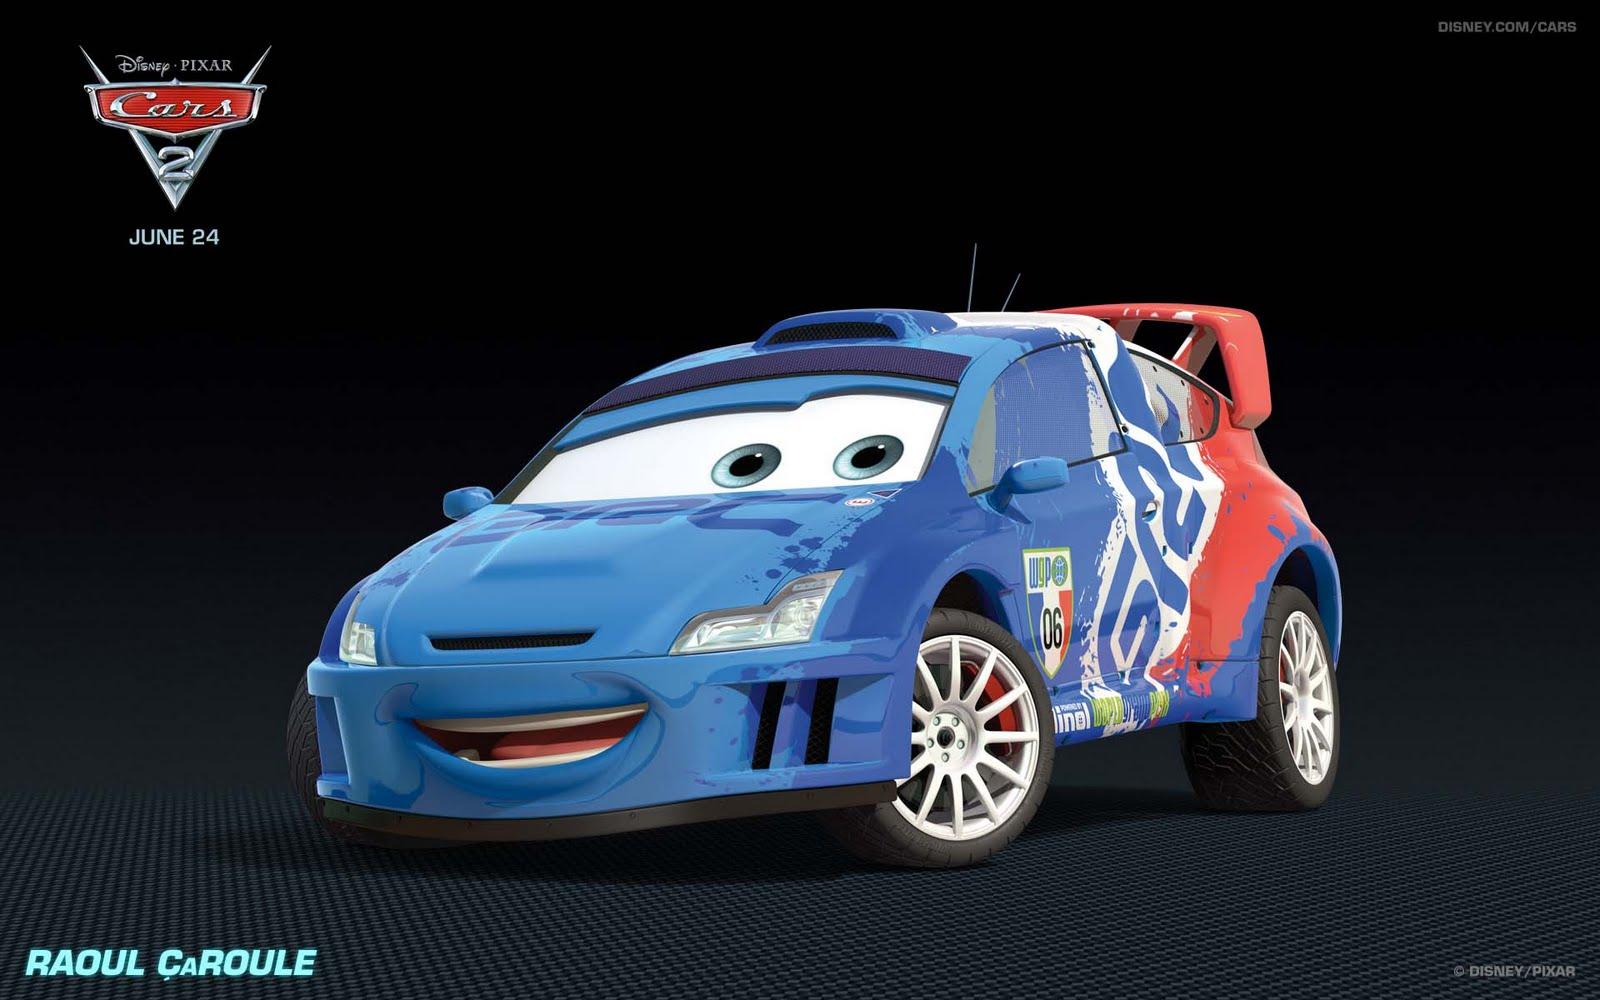 http://1.bp.blogspot.com/-4L1CiaPv5II/TZOa9a7qffI/AAAAAAAAX8Q/qjcqDZKMezM/s1600/cars%2B2%2Bmovie%2Bwallpapers%2B%252825%2529.jpg